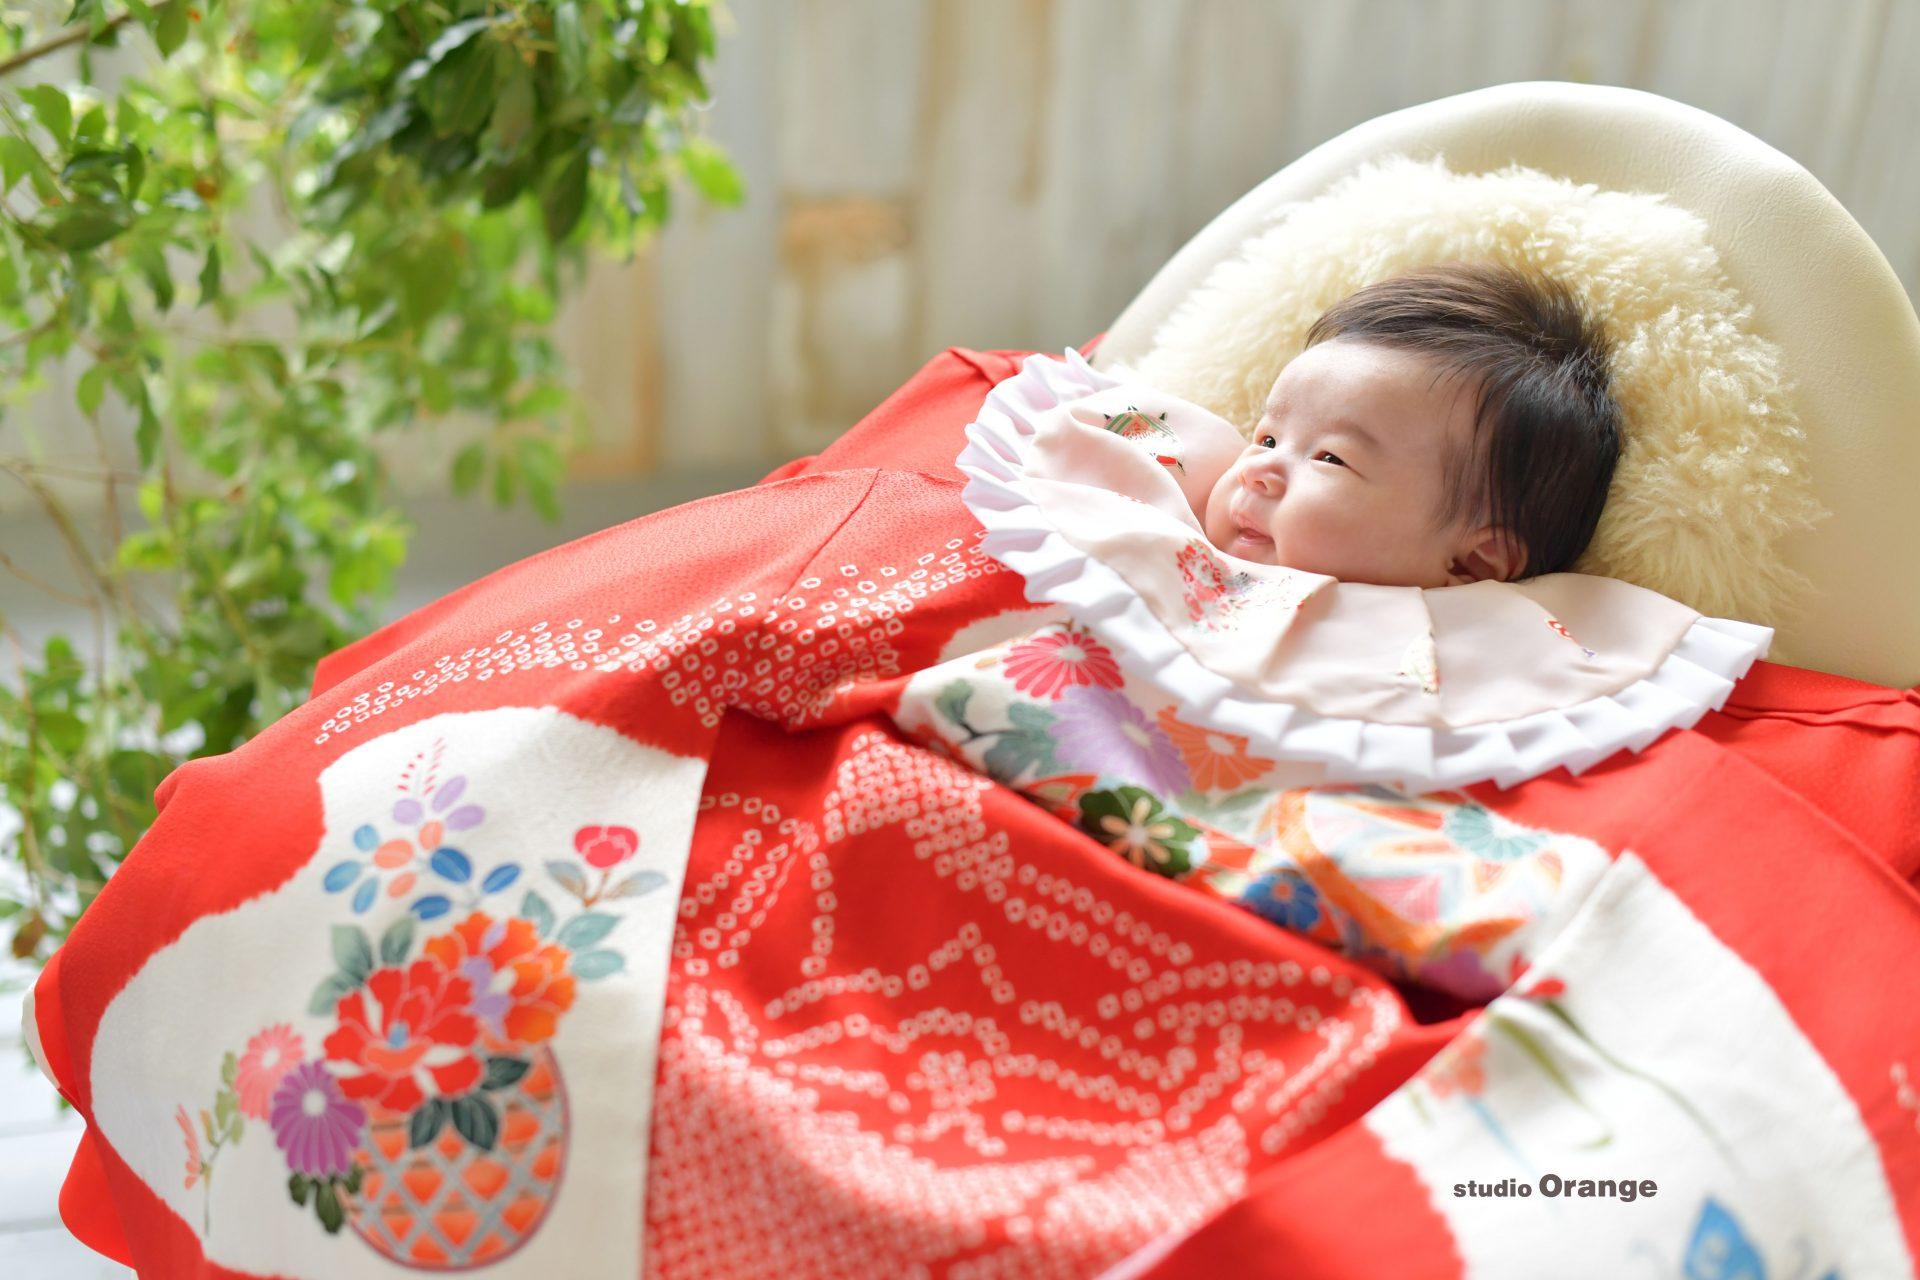 お宮参り 一ヶ月男の子 赤い産着 ベビードレス